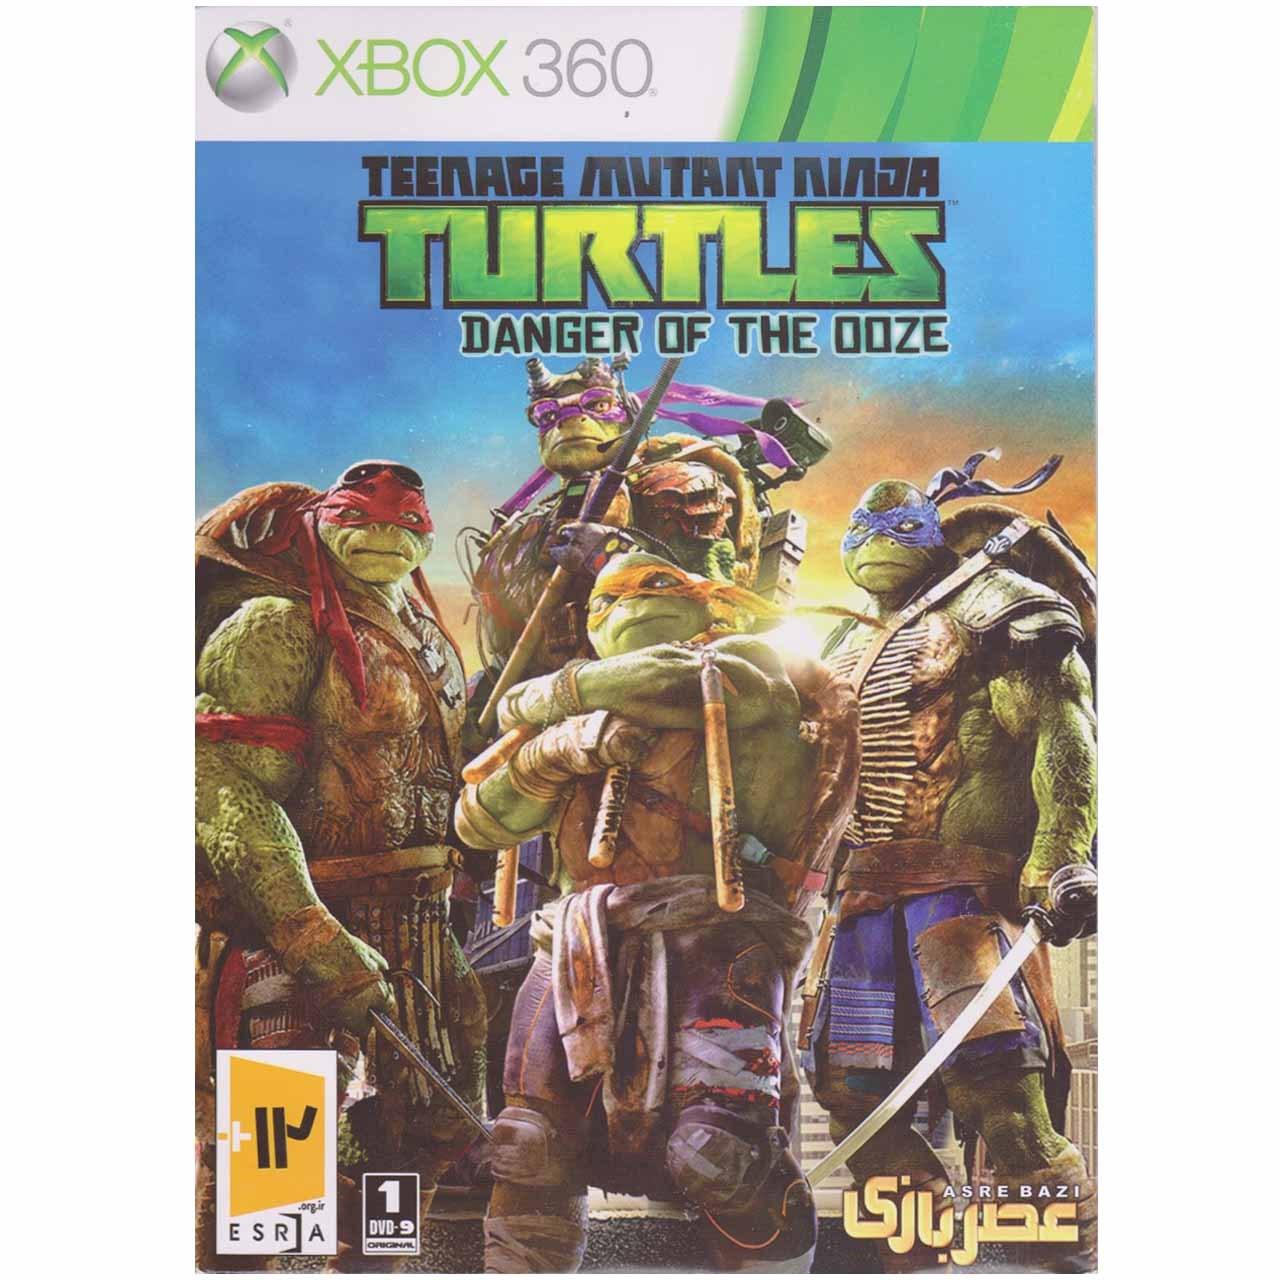 خرید اینترنتی بازی Turtles مخصوص ایکس باکس 360 اورجینال